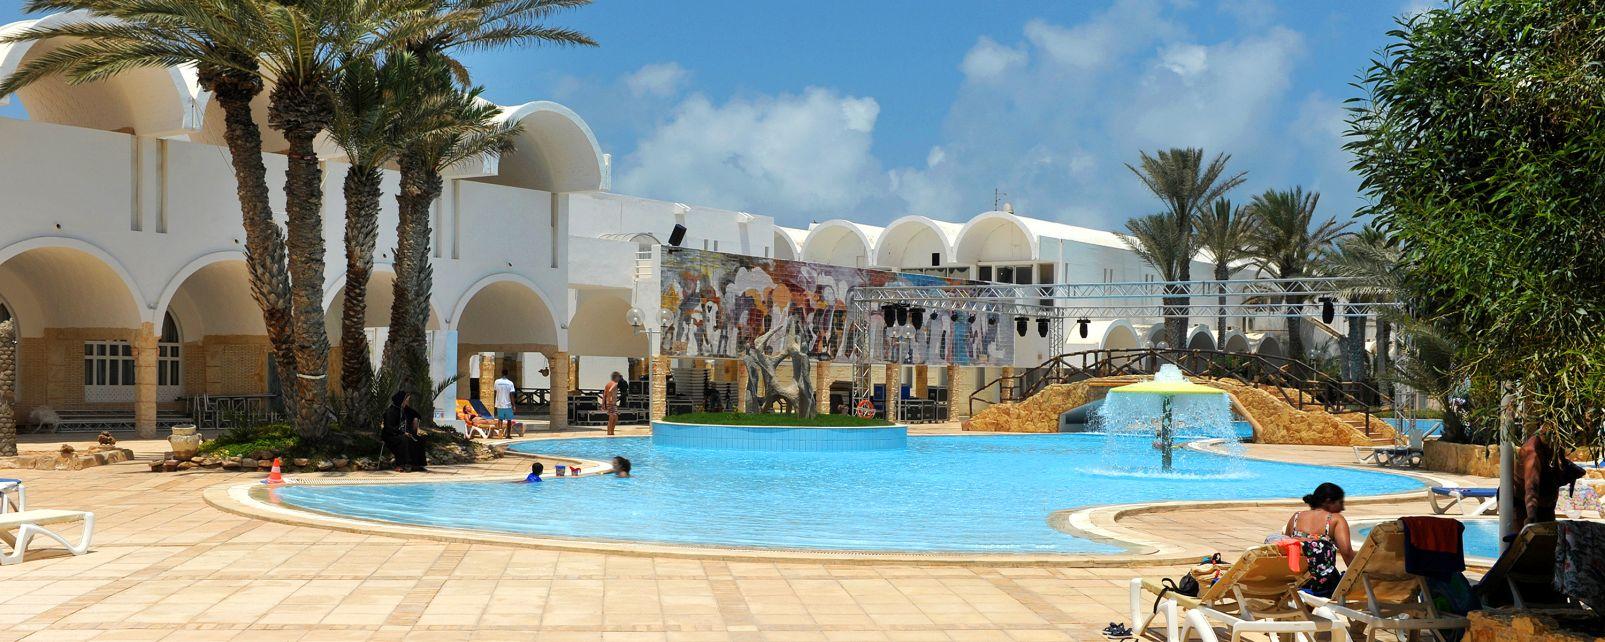 Hôtel Narjess - Dar Djerba